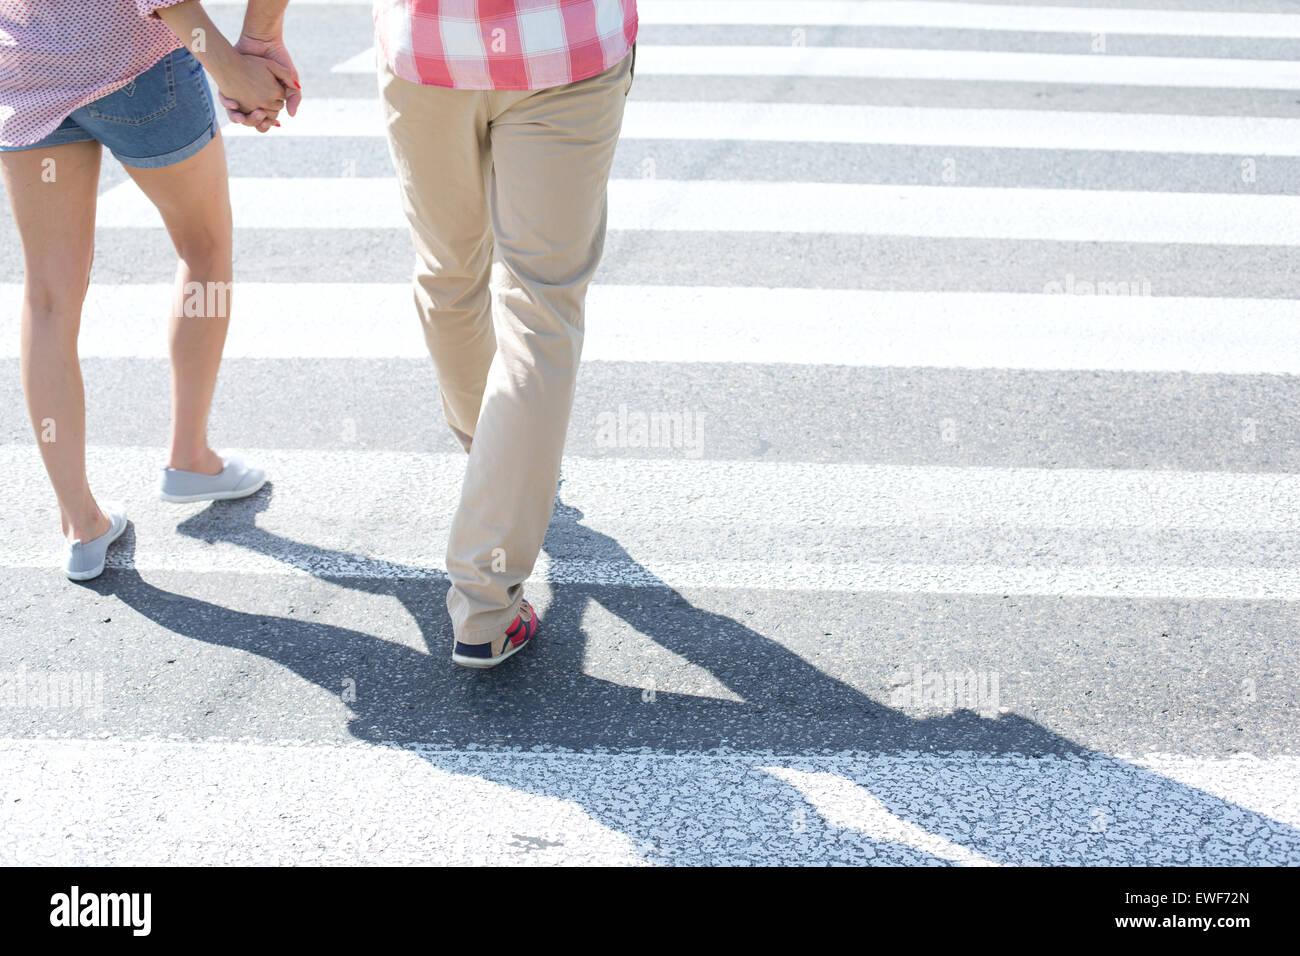 Sezione bassa del giovane a camminare su crosswalk Immagini Stock